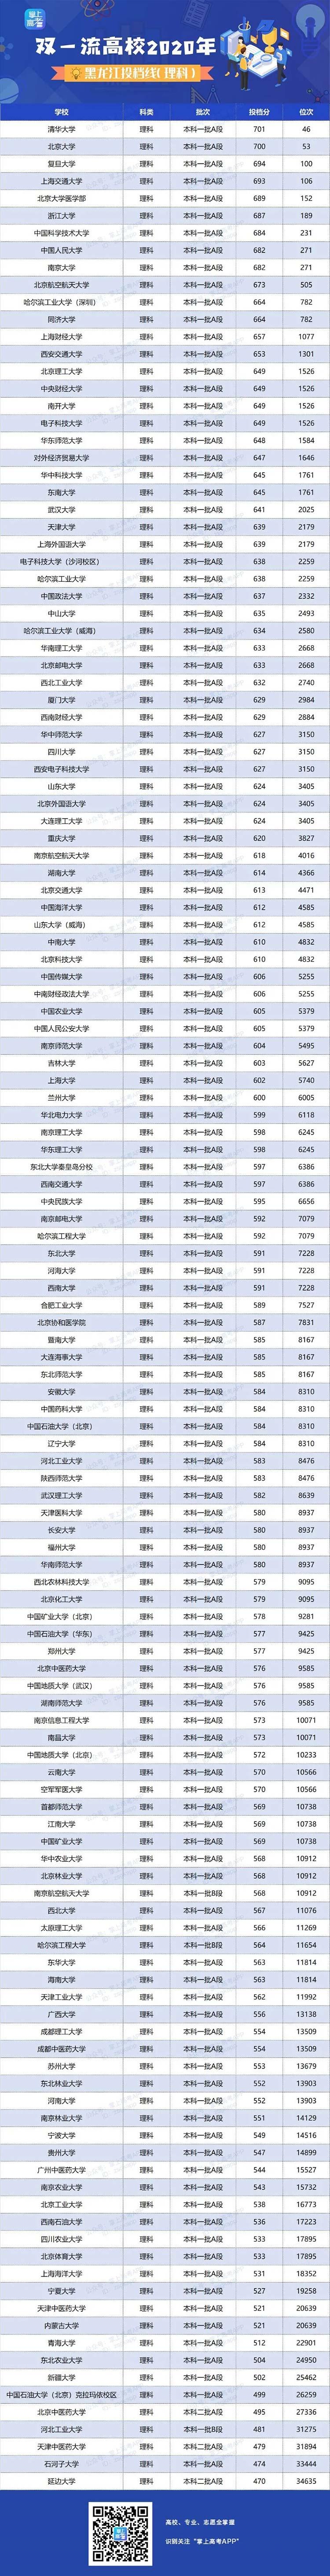 2020年双一流大学在黑龙江投档分数线及位次情况